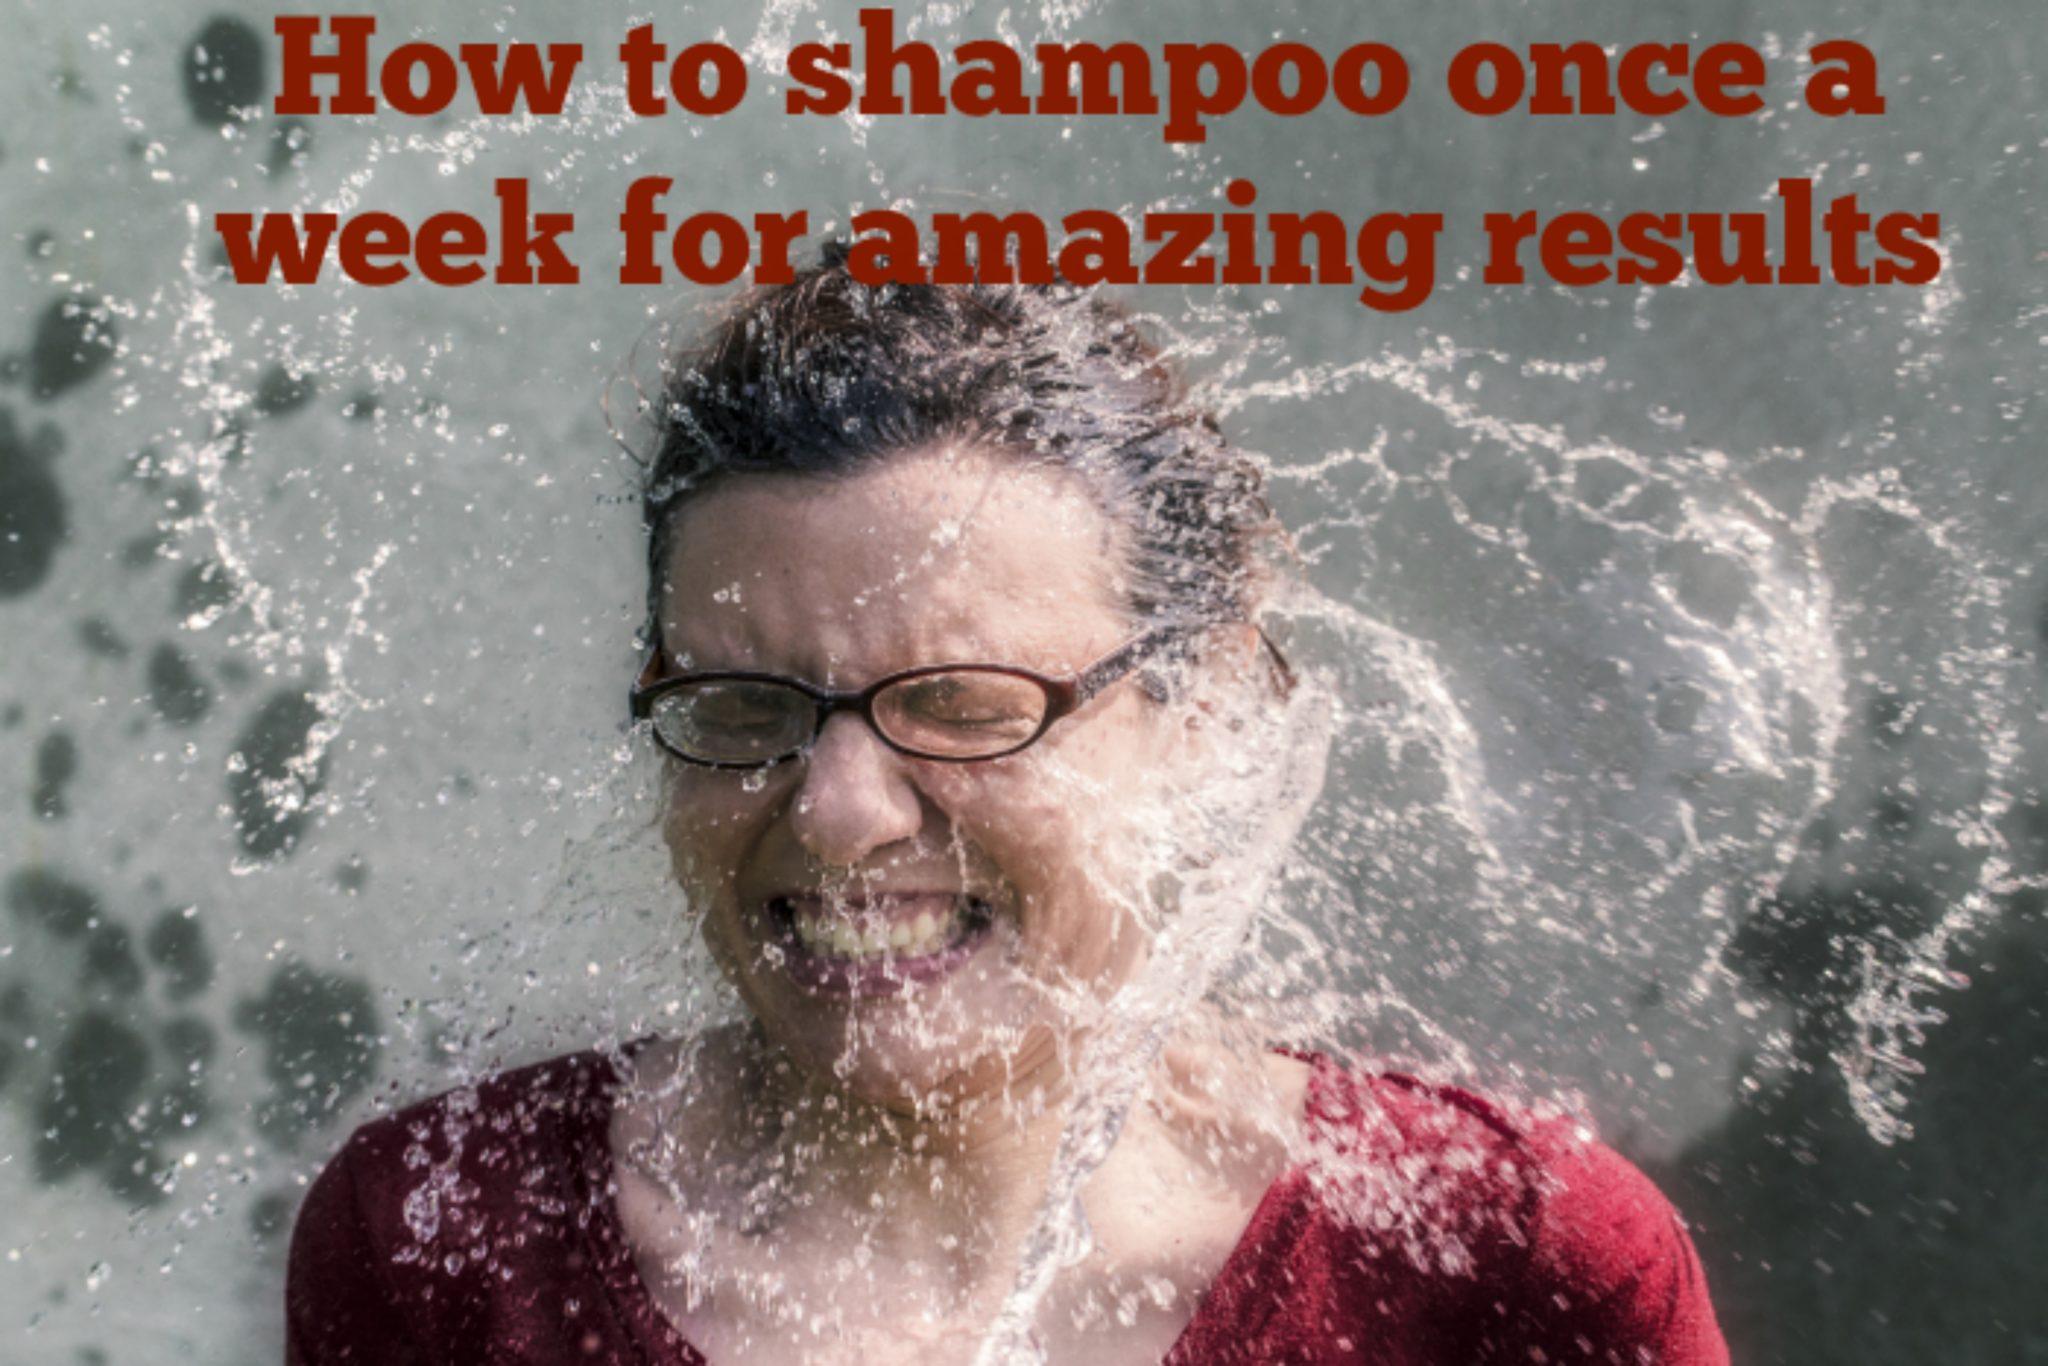 shampoo once a week